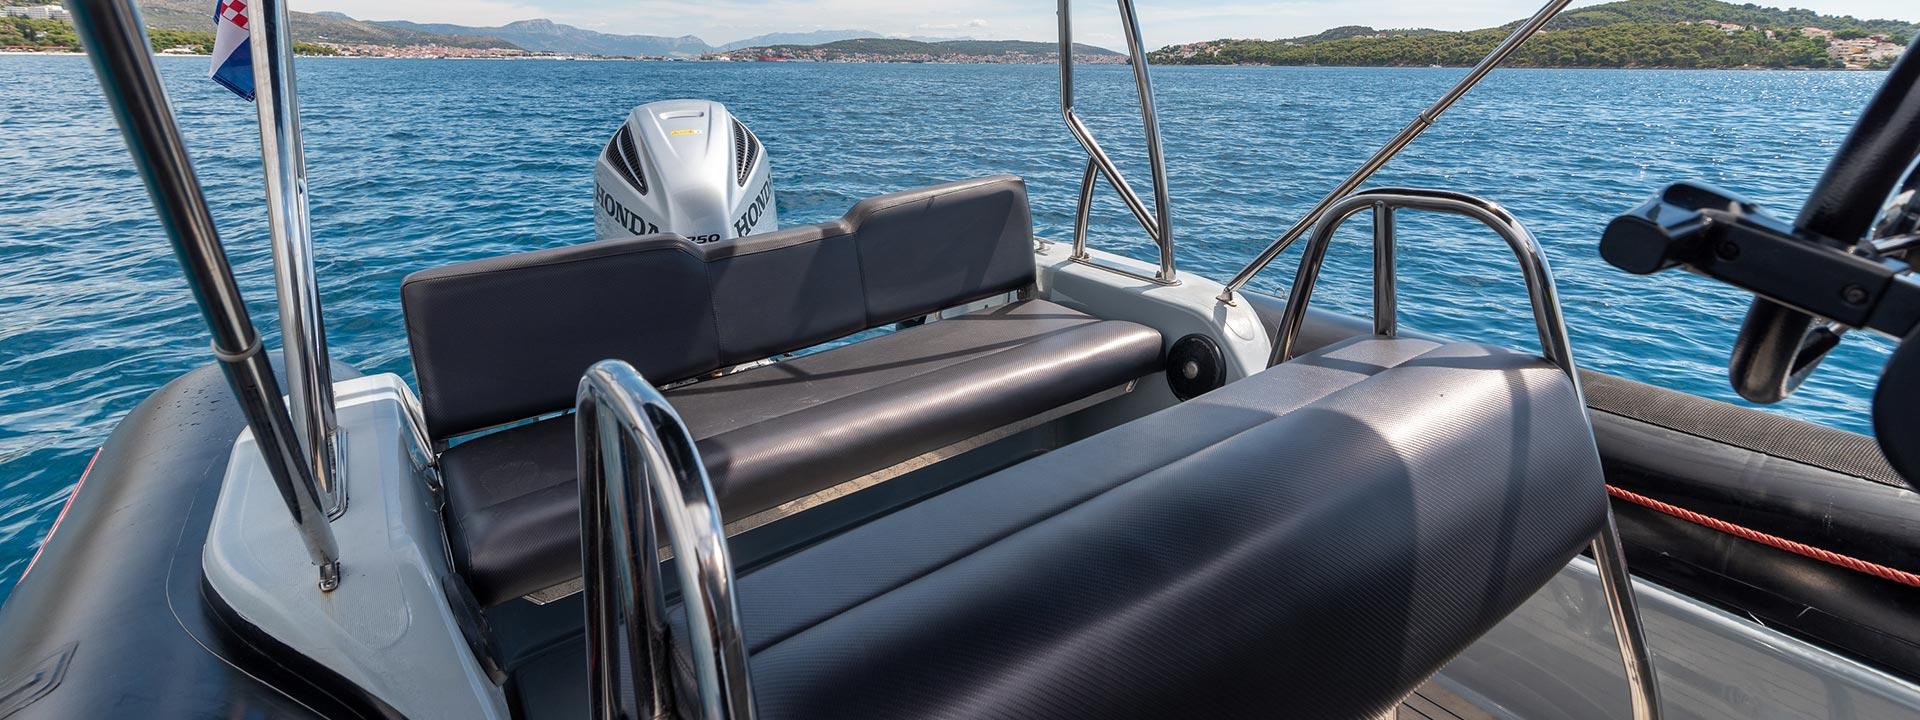 mayer-charter-boat-header-valiant-760-sport-05